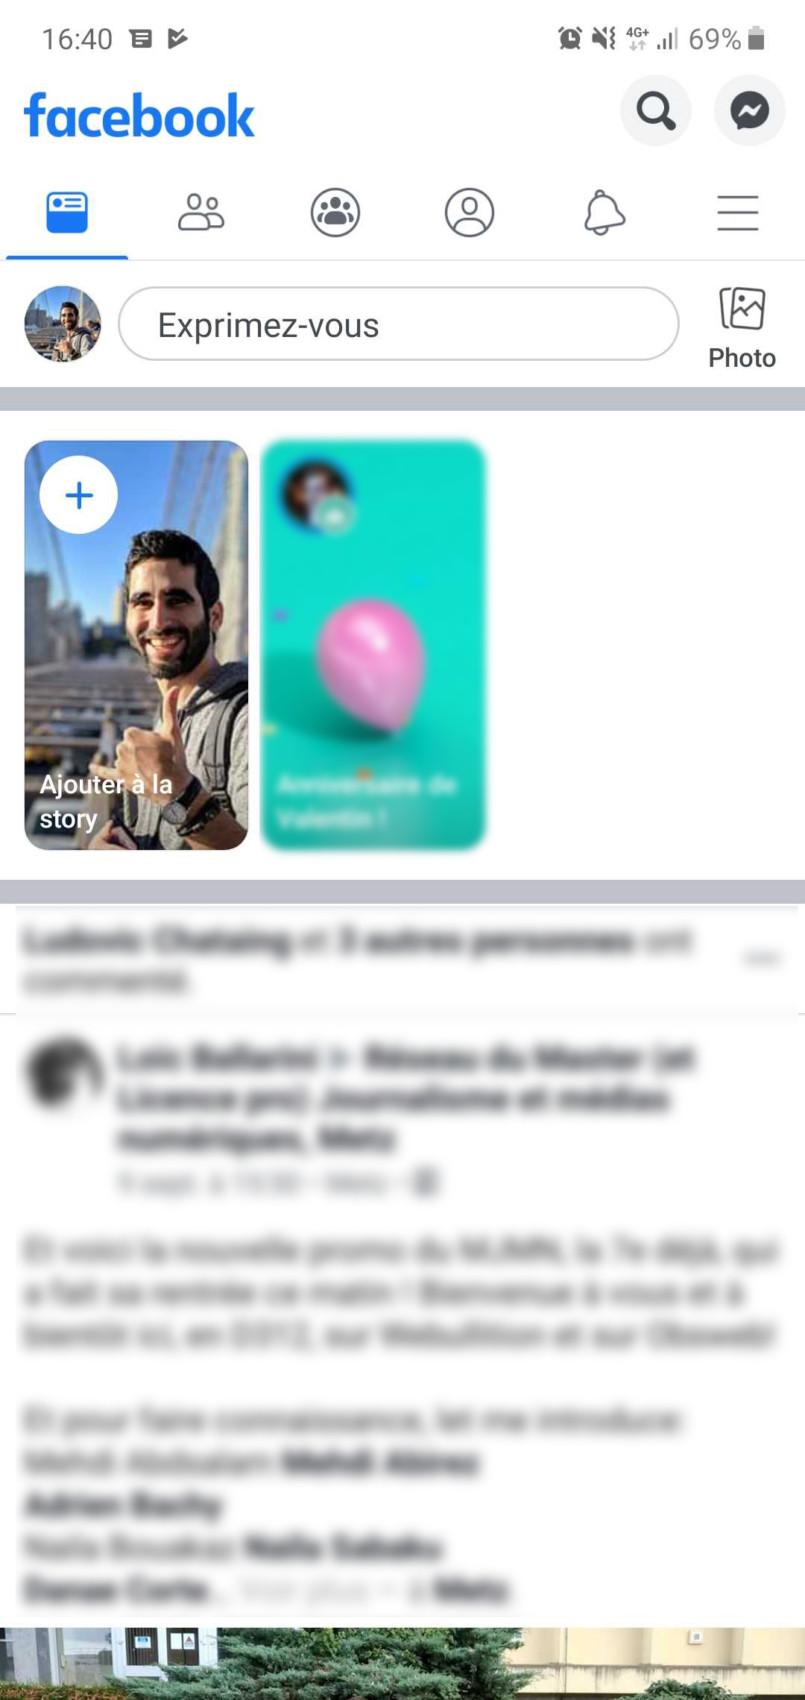 Facebook : l'interface iOS se déploie sur les smartphones Android tout doucement